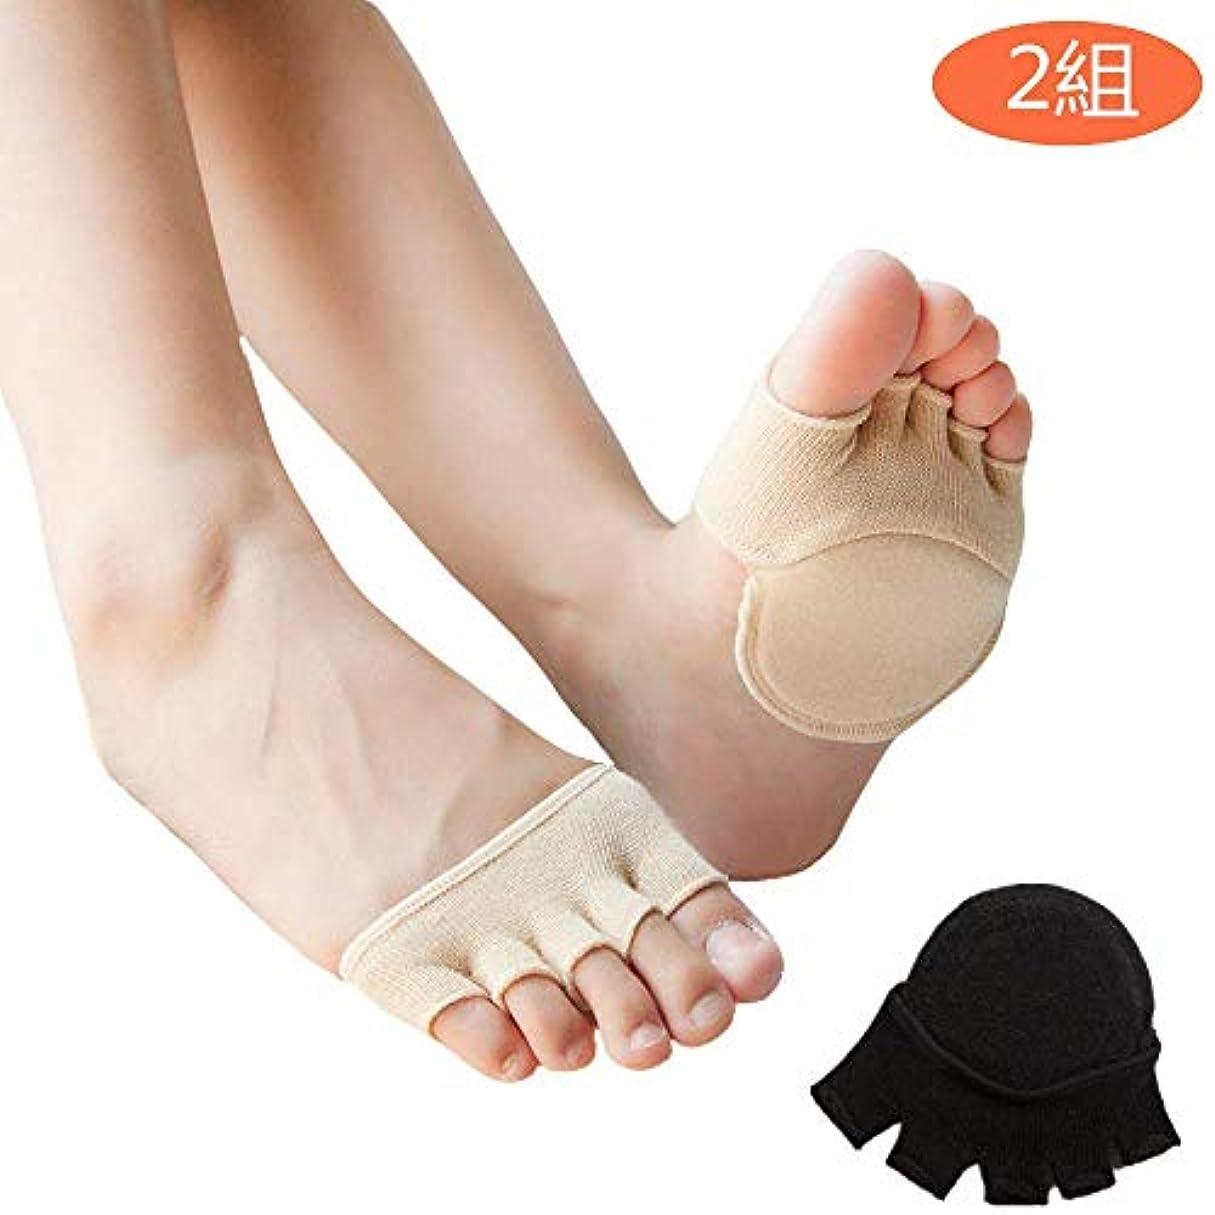 不器用カプセル歴史つま先 5本指 足底クッション付き 前足サポーター 足の臭い対策 フットカバー ヨガ用靴下 浅い靴下半分つま先 夏 超薄型 (2組)